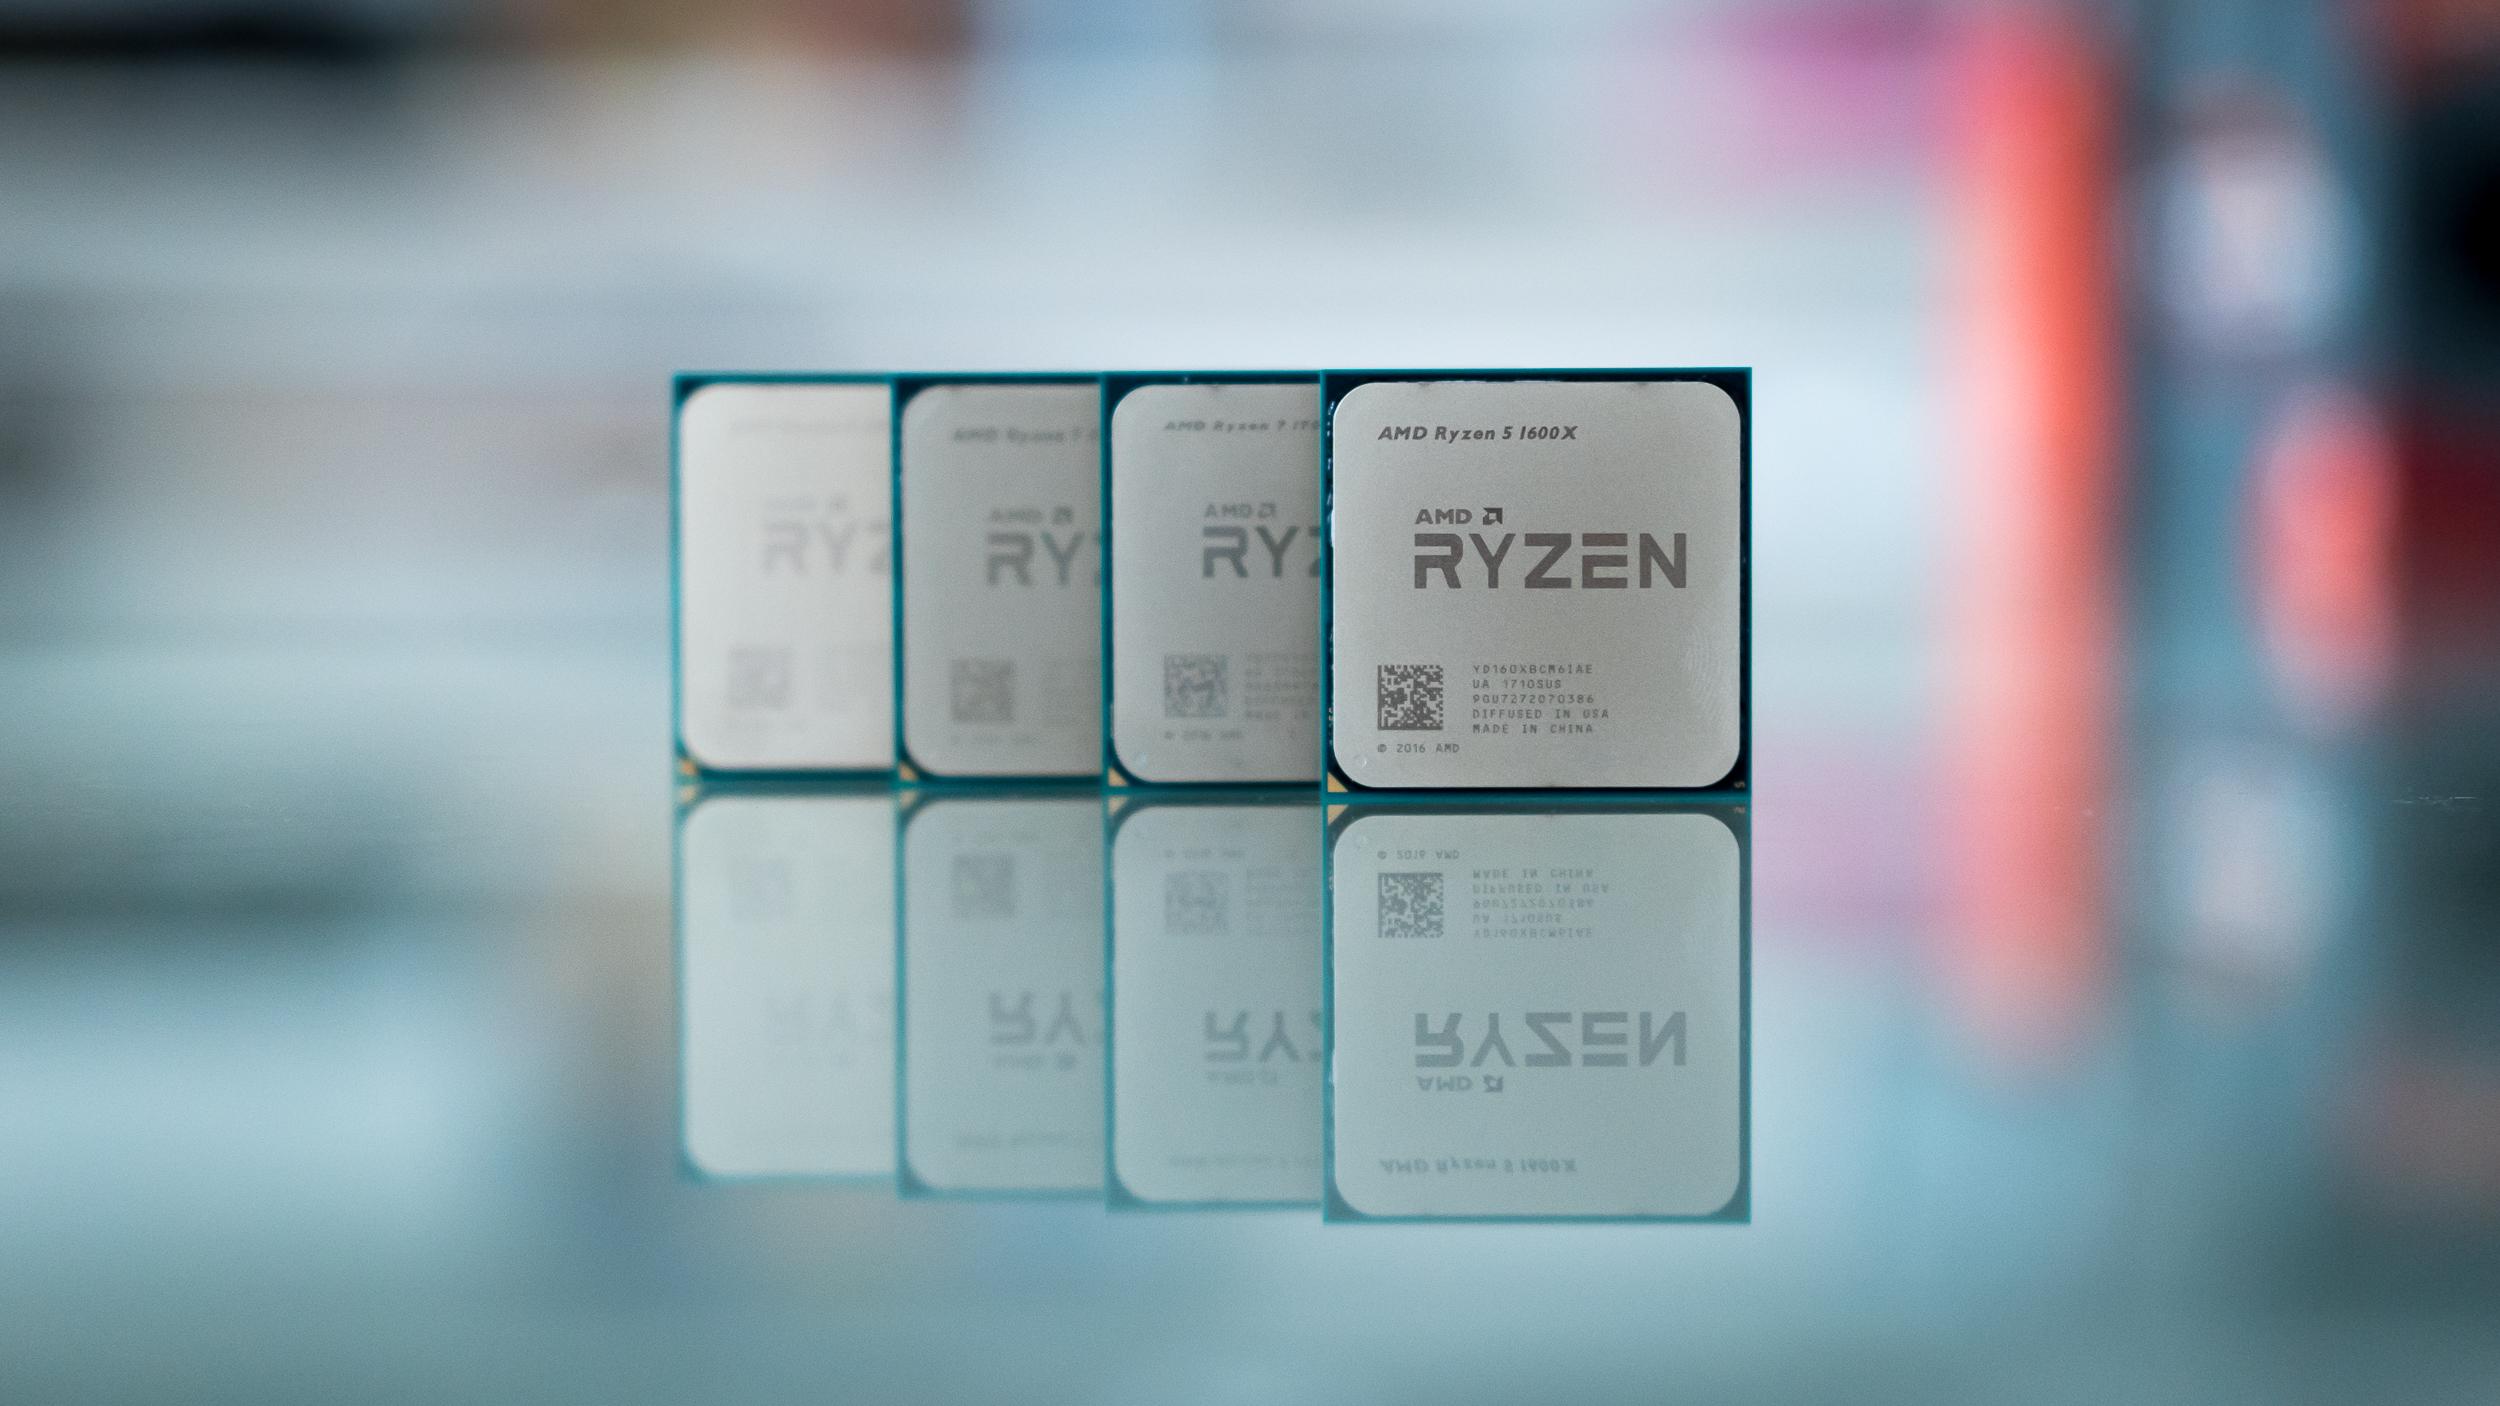 Ryzen 5 review: AMD muscles in on Intel's i5 sweet spot | Ars Technica